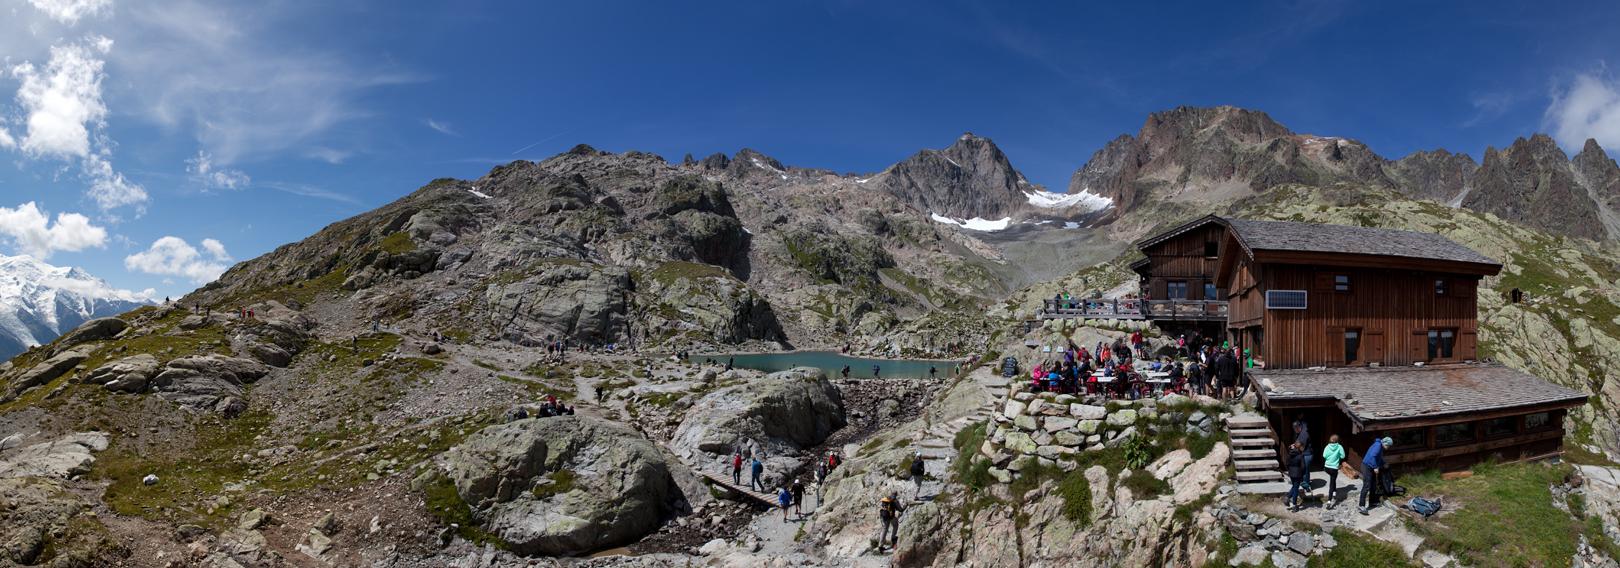 04 Randonnée au Lac Blanc